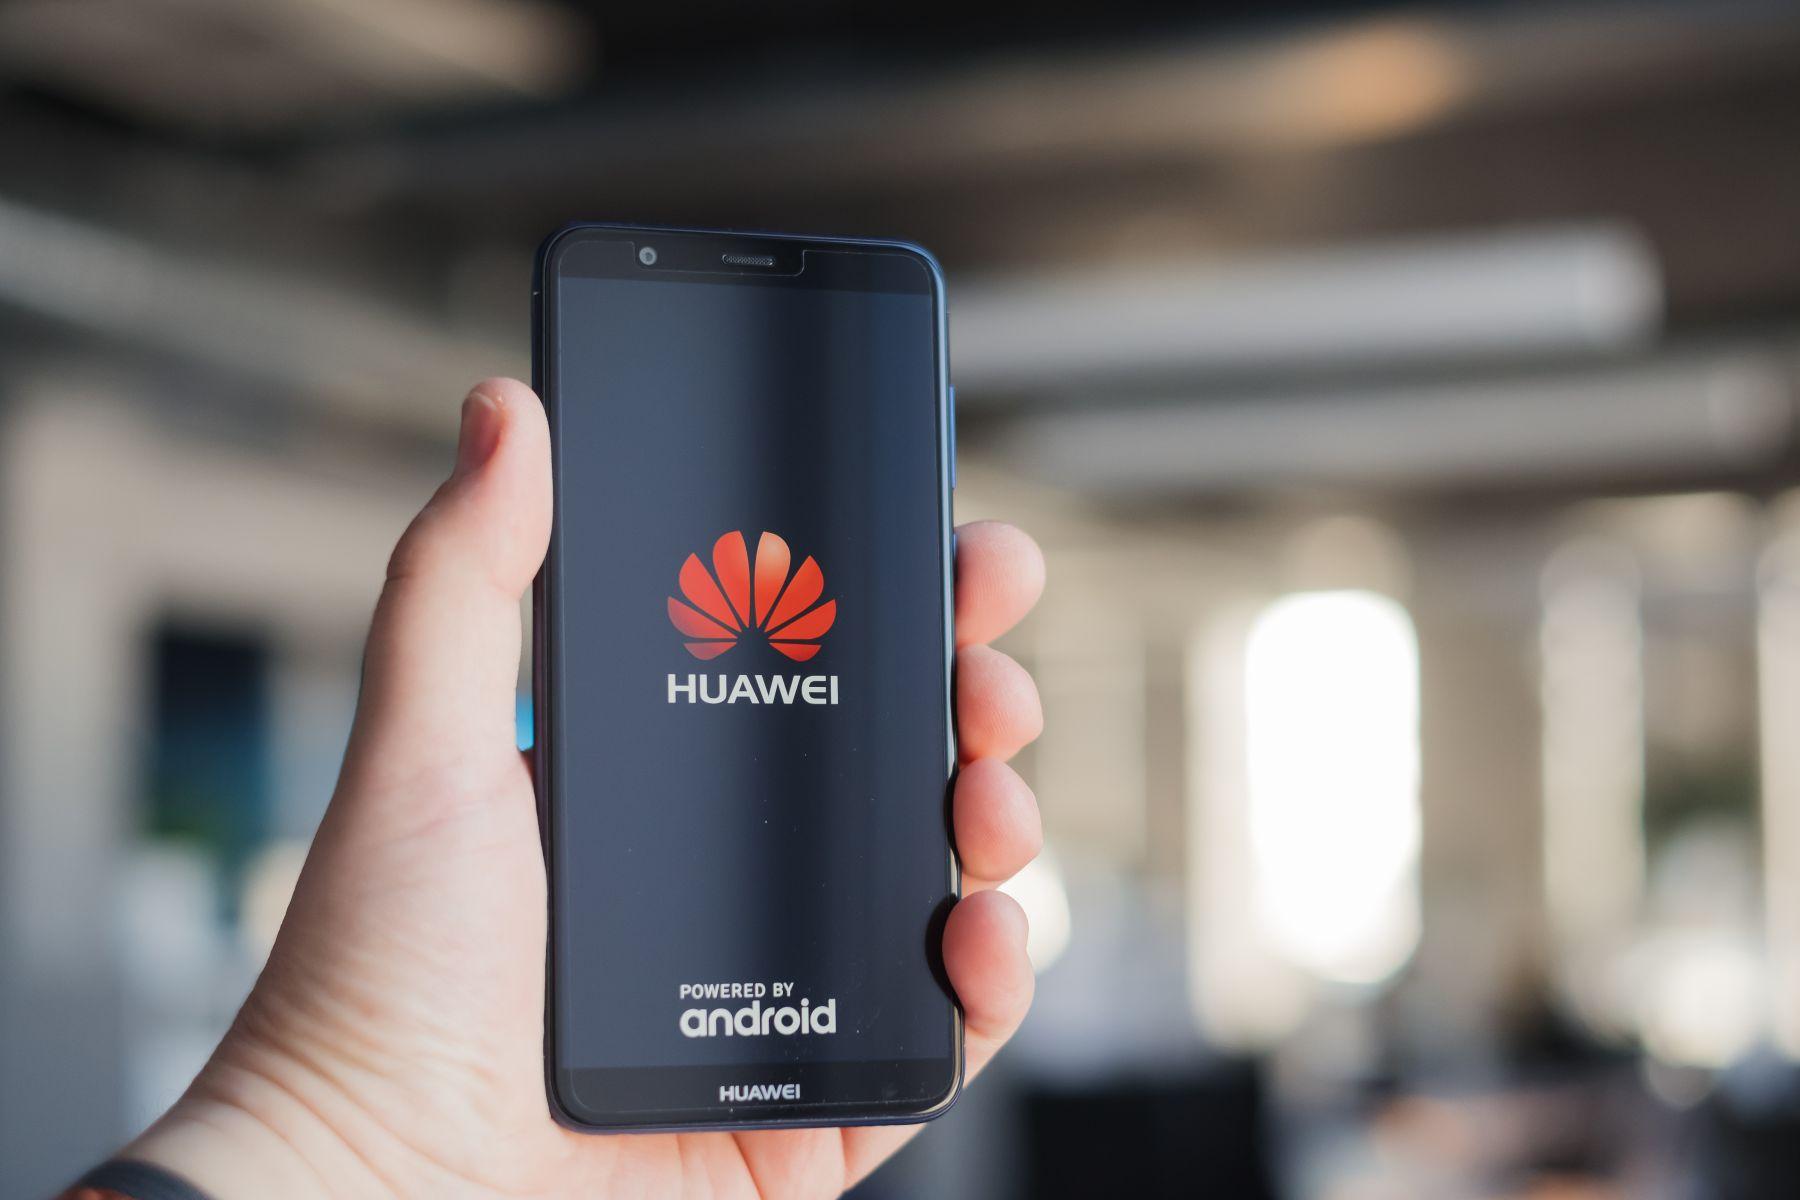 華為案延燒 立委要求金融業董總不能用中國製手機